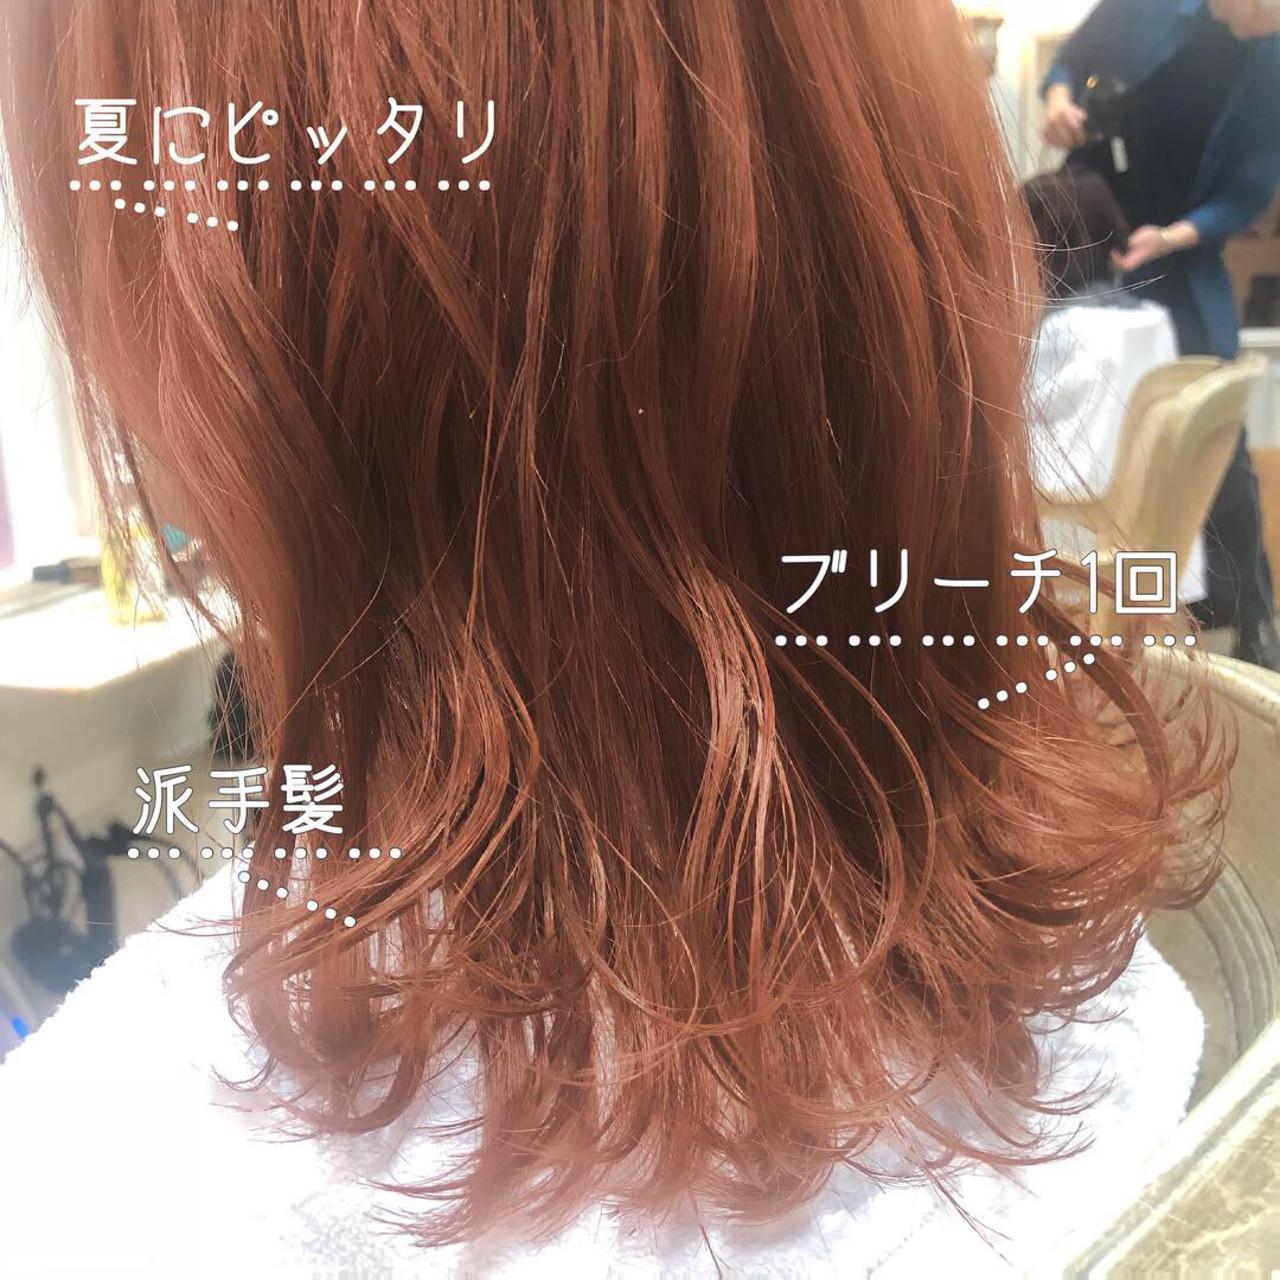 オレンジカラー ミディアム アプリコットオレンジ ストリート ヘアスタイルや髪型の写真・画像